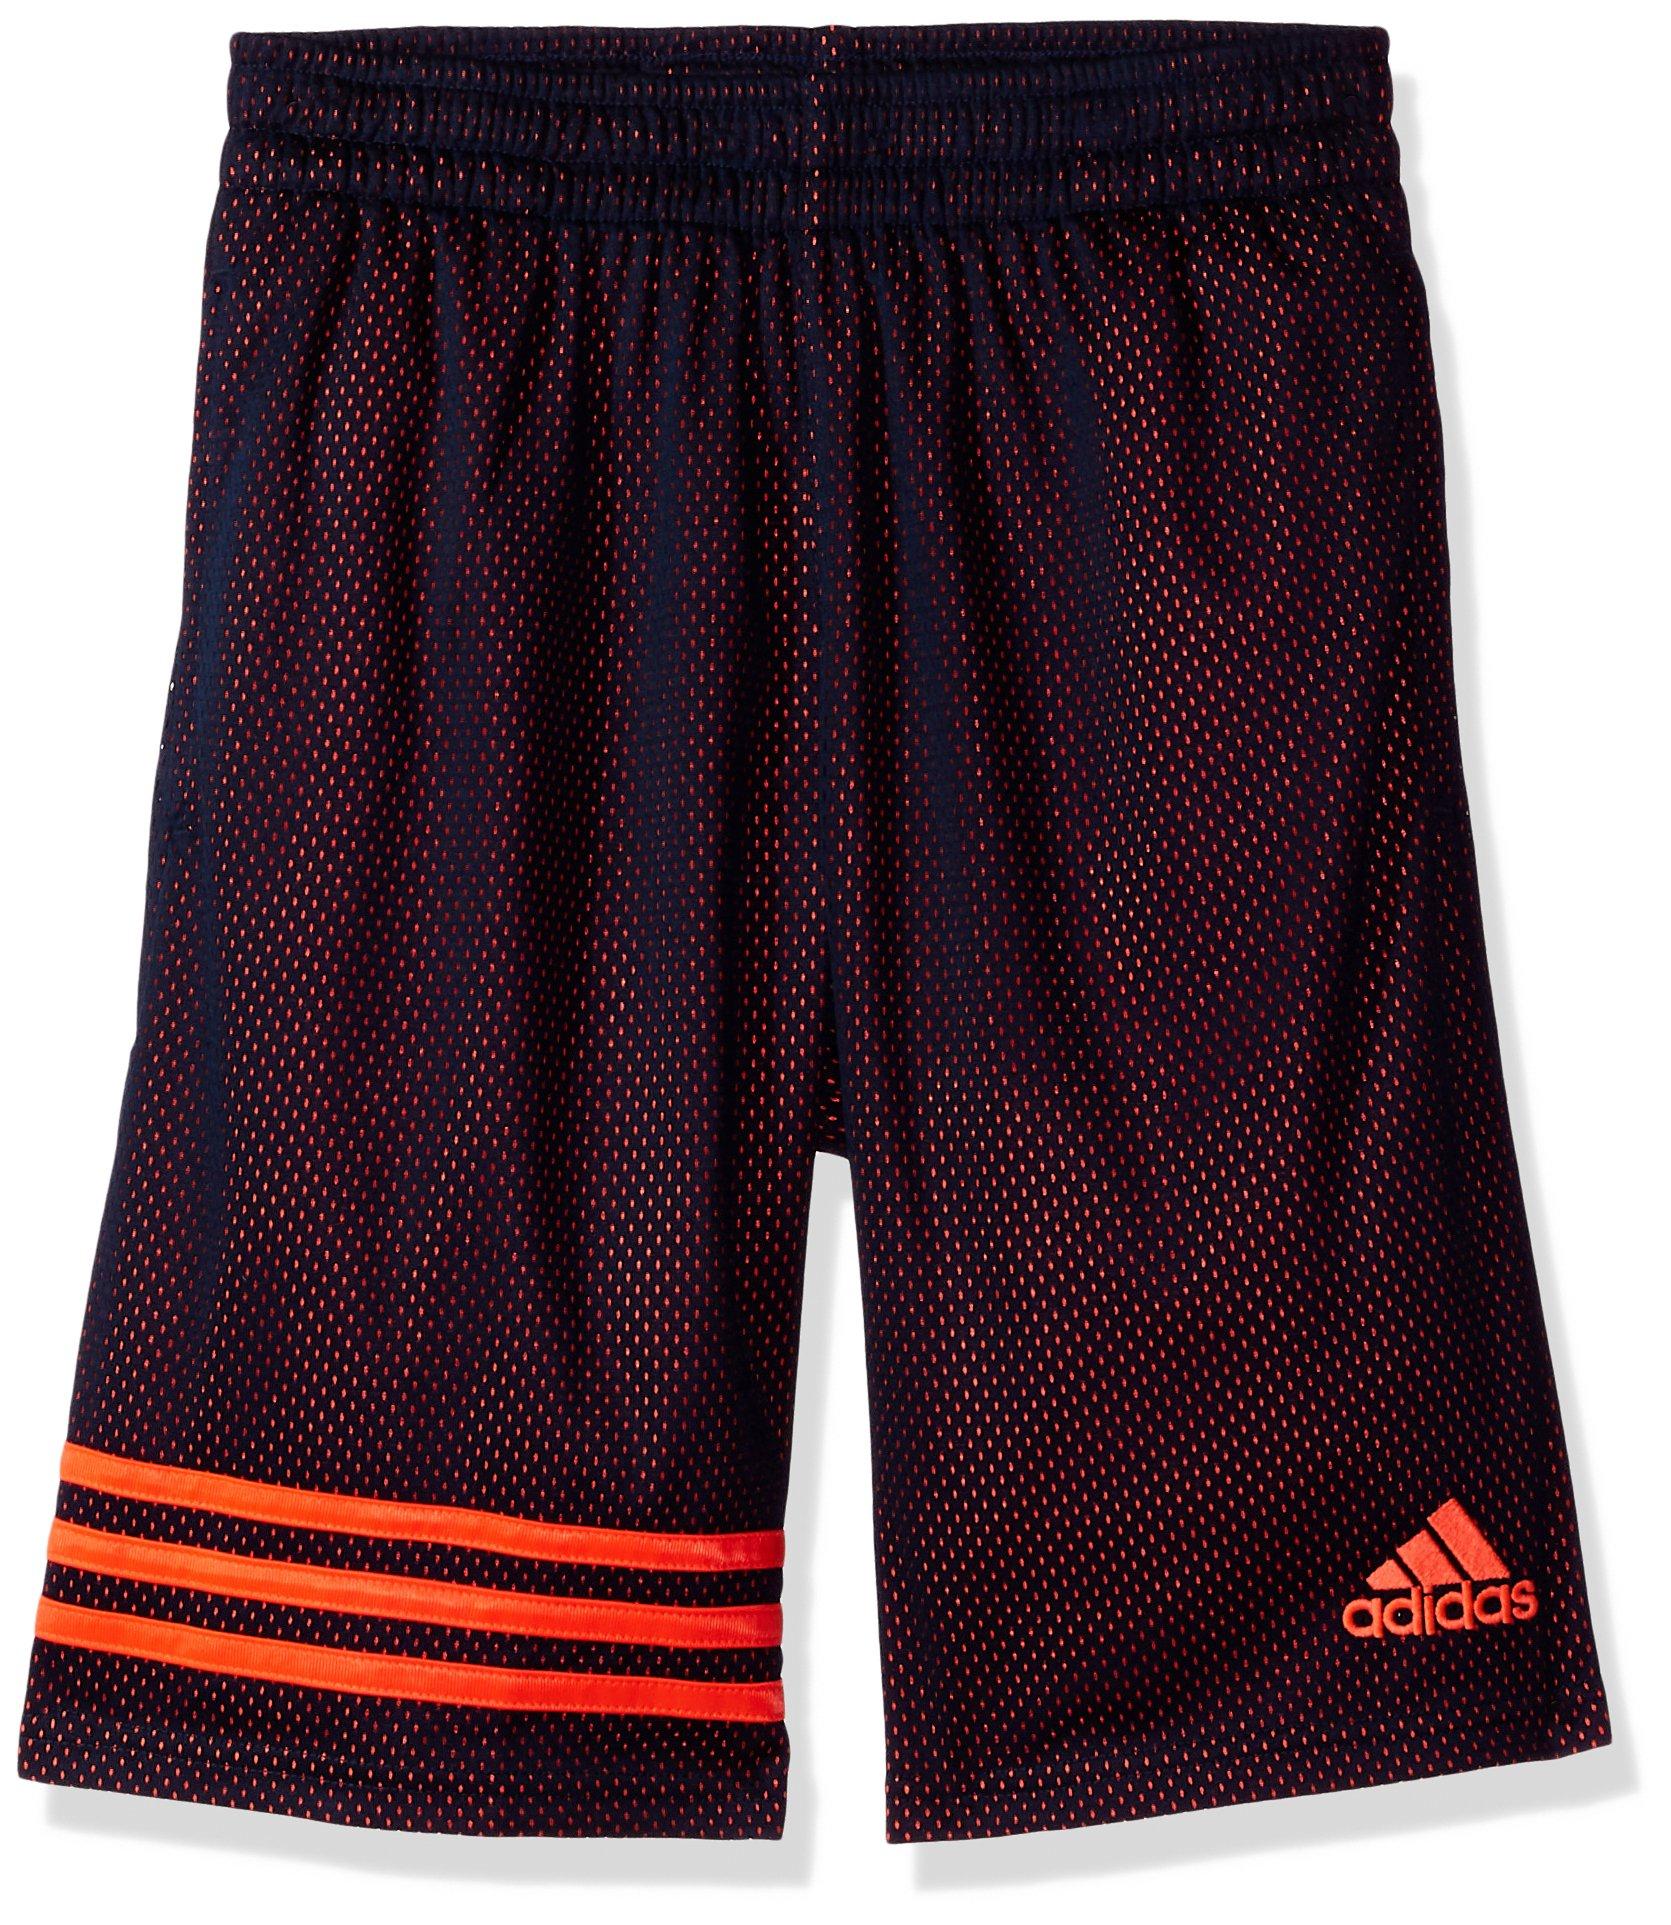 adidas Boys' Big Athletic Short, Navy Orange, X-Large